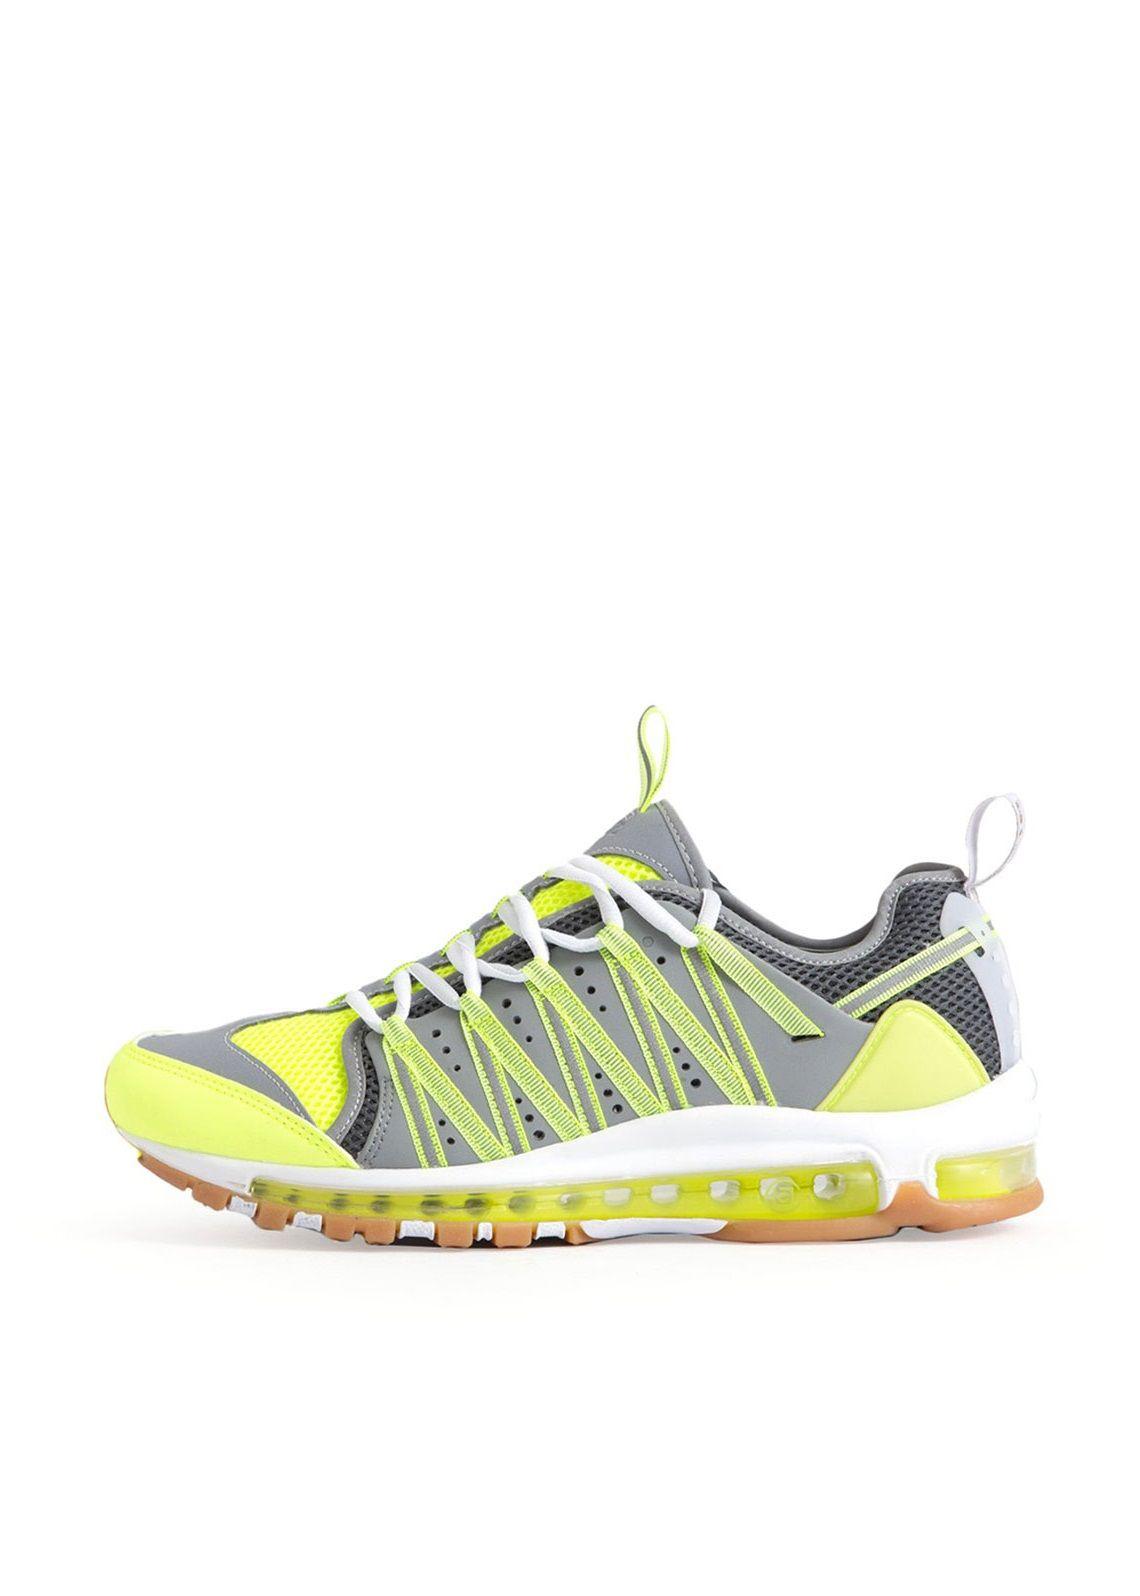 Pin by J S on Shoes   Nike air max 97, Air max 97, Air max